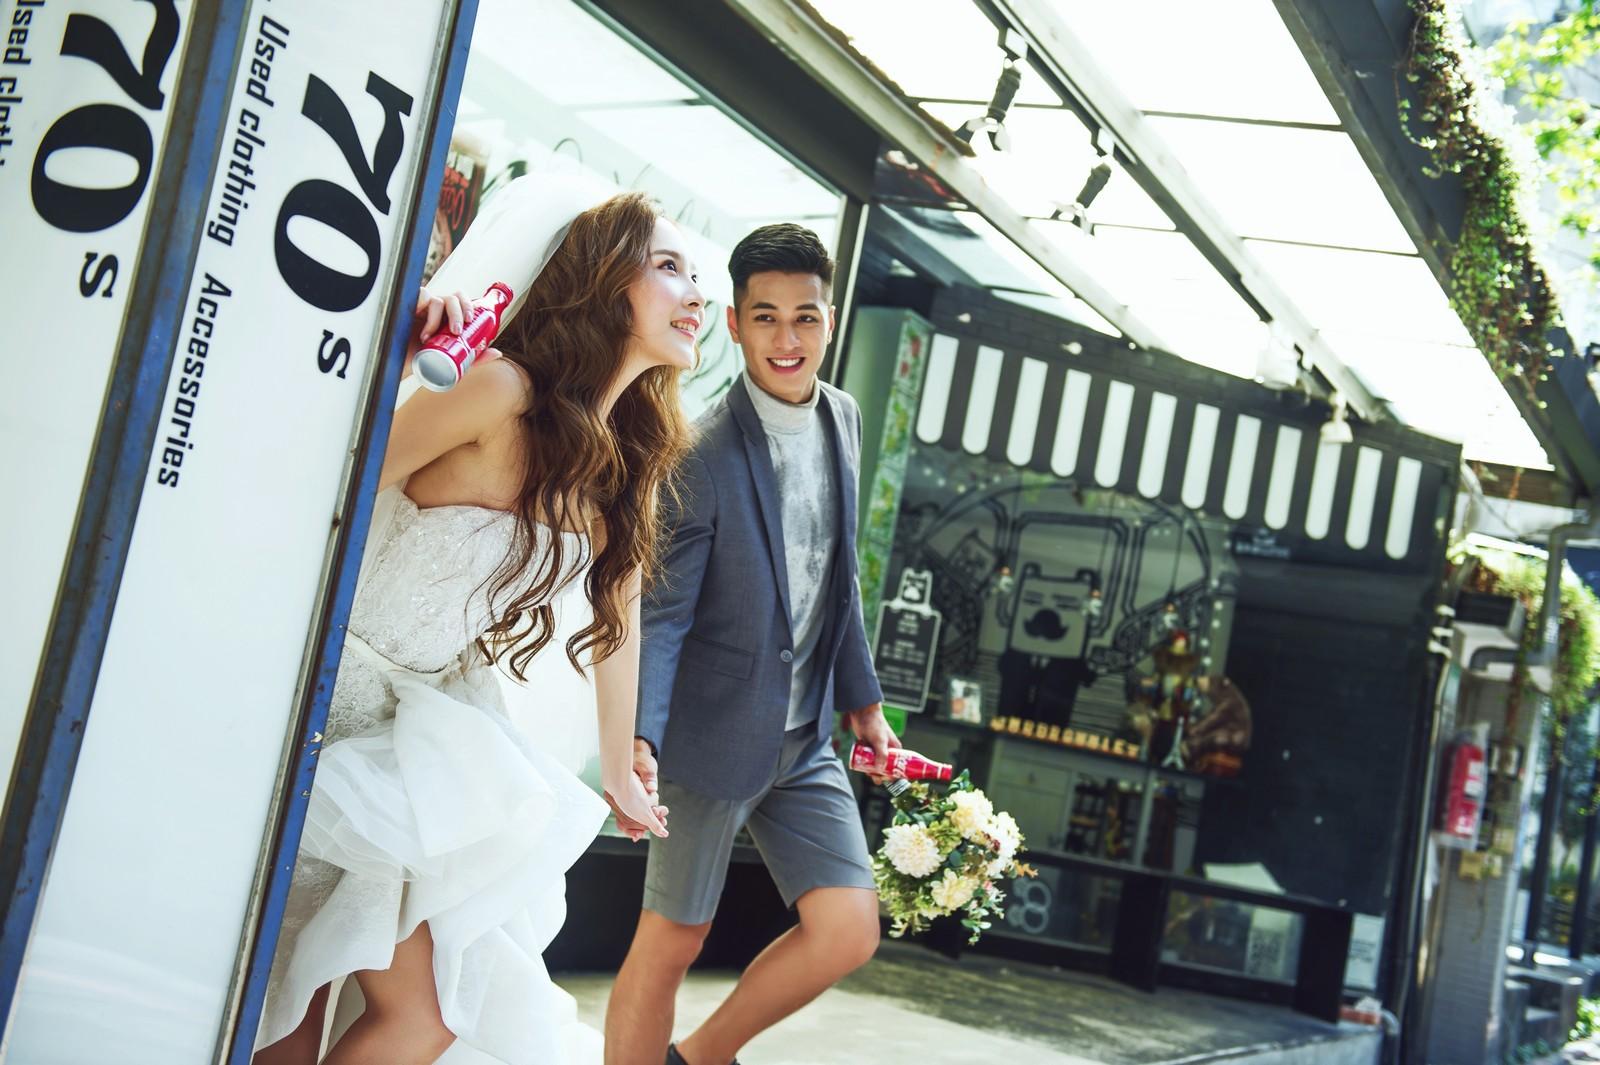 海外婚紗,台灣拍婚紗,海外婚紗推薦,台北婚紗